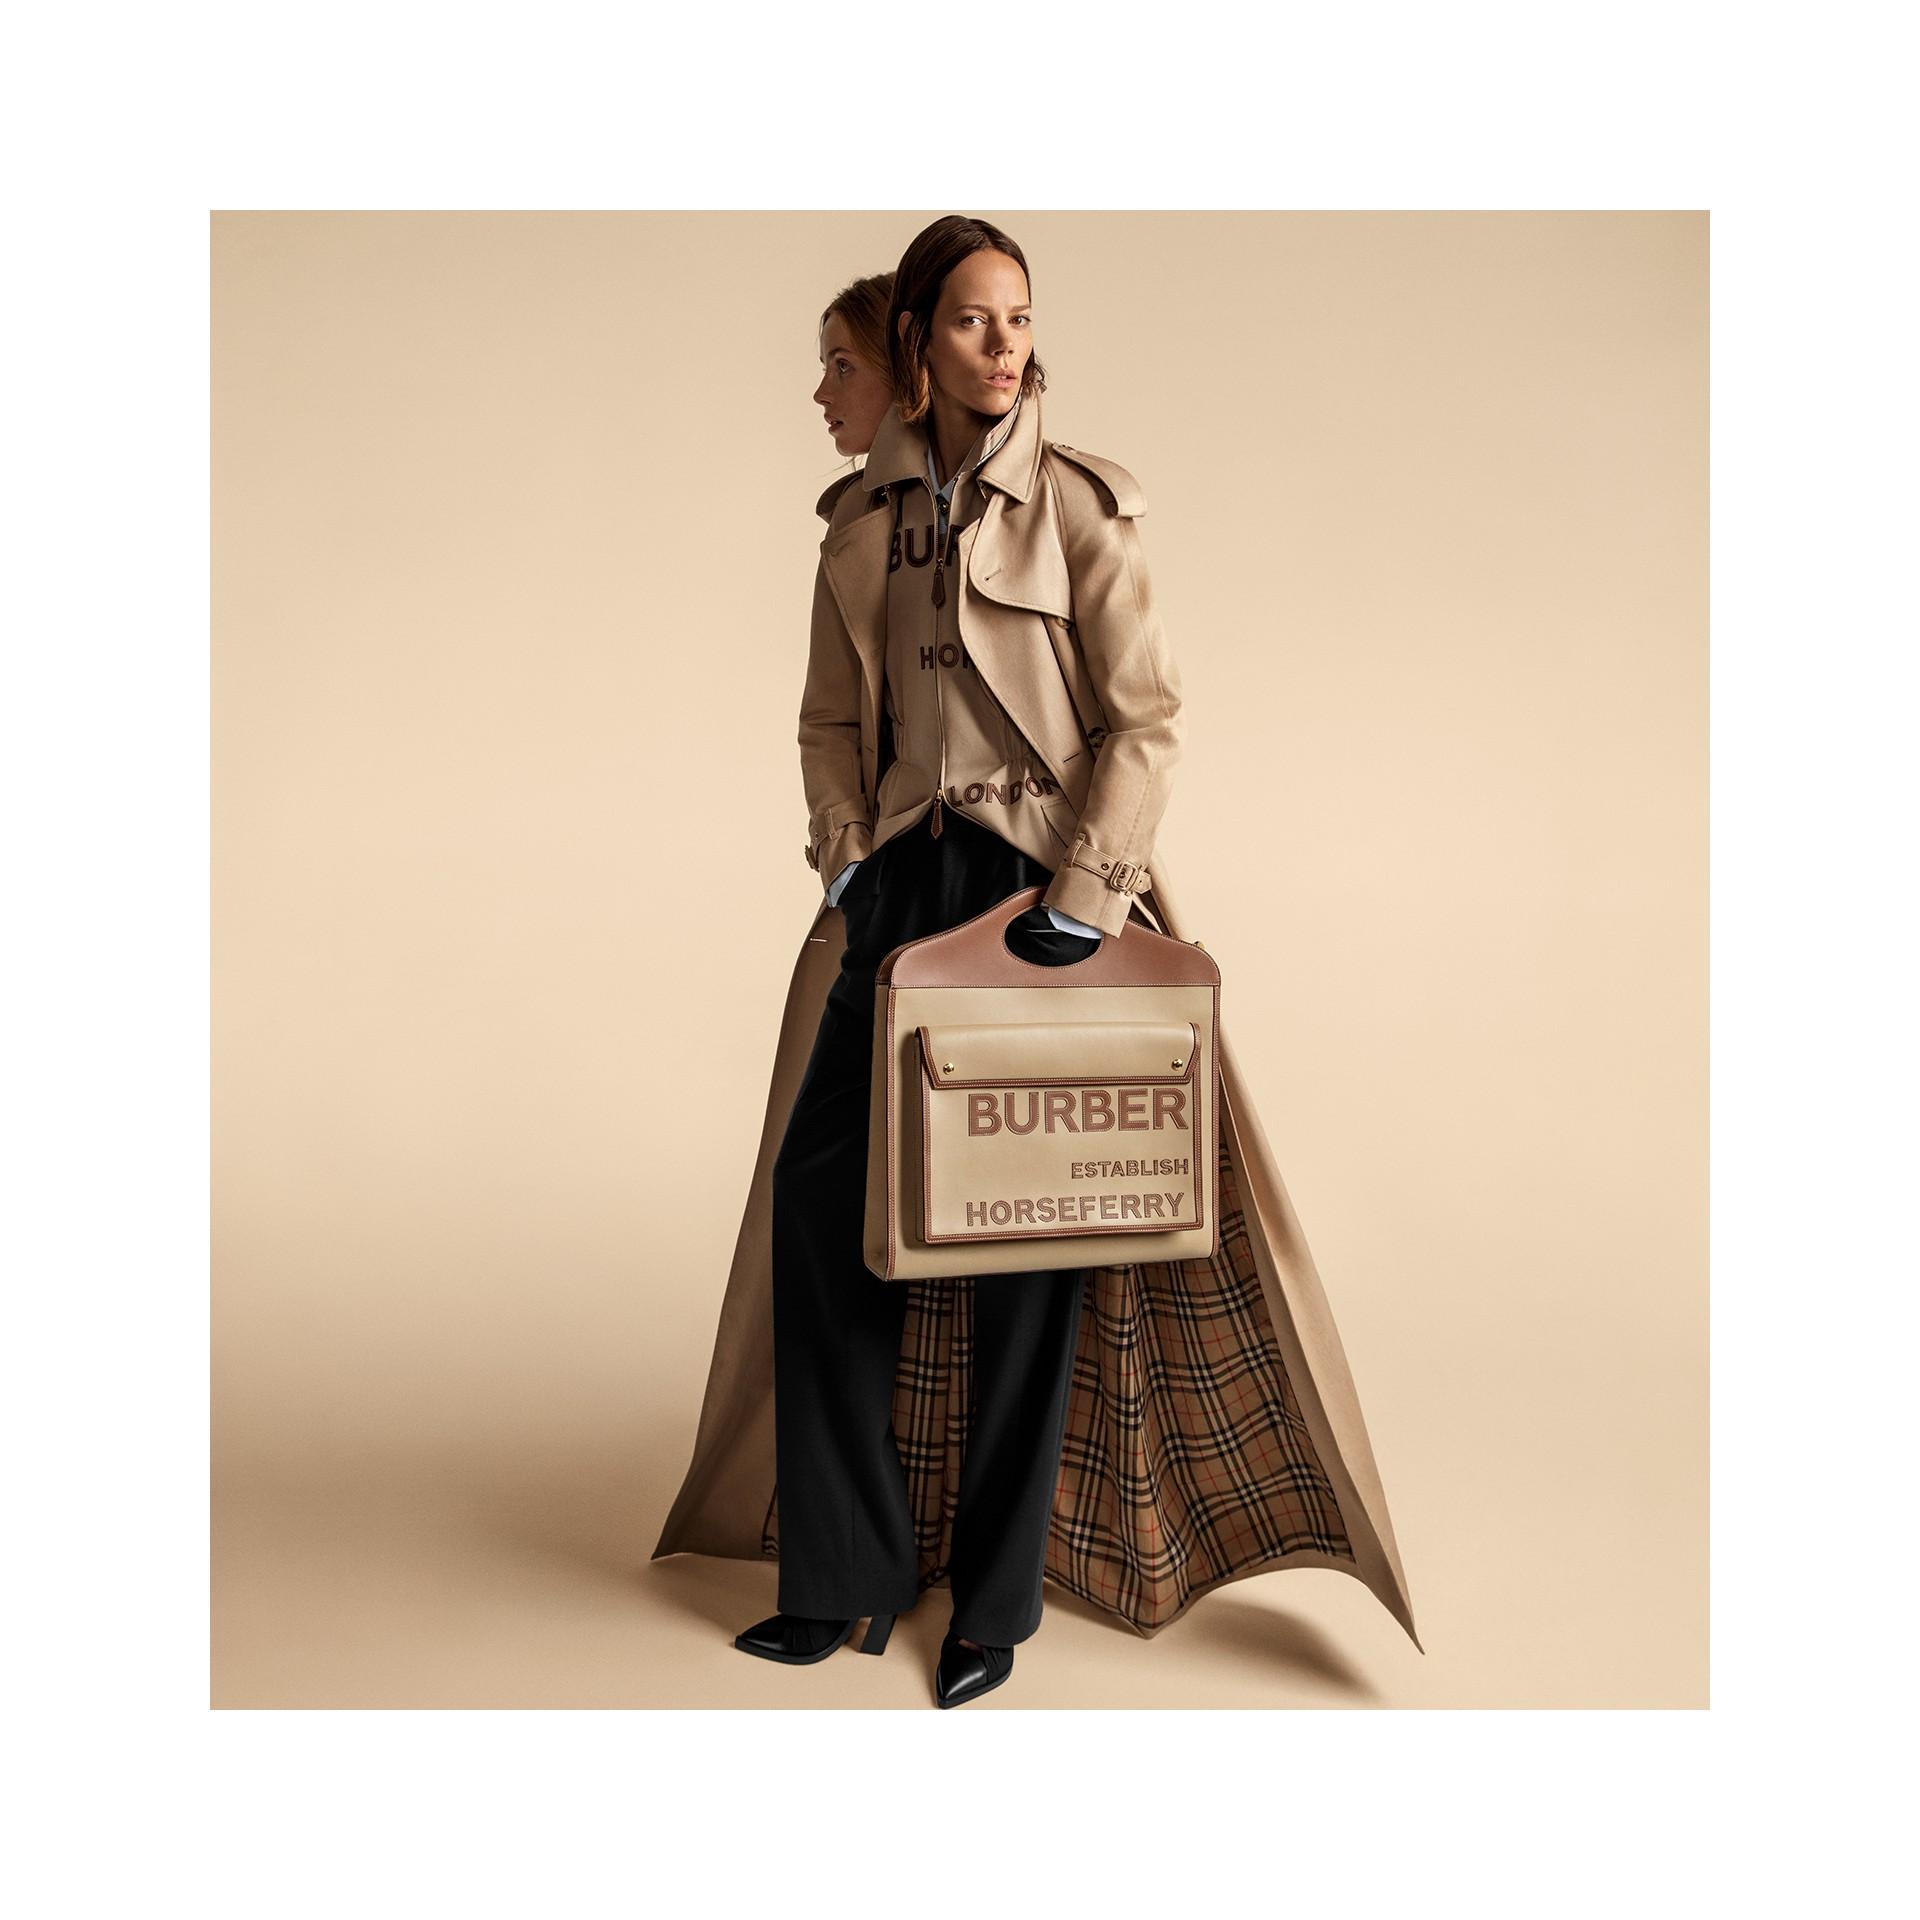 엑스트라 라지 호스페리 아플리케 레더 포켓 백 (허니) - 여성 | Burberry - 갤러리 이미지 1